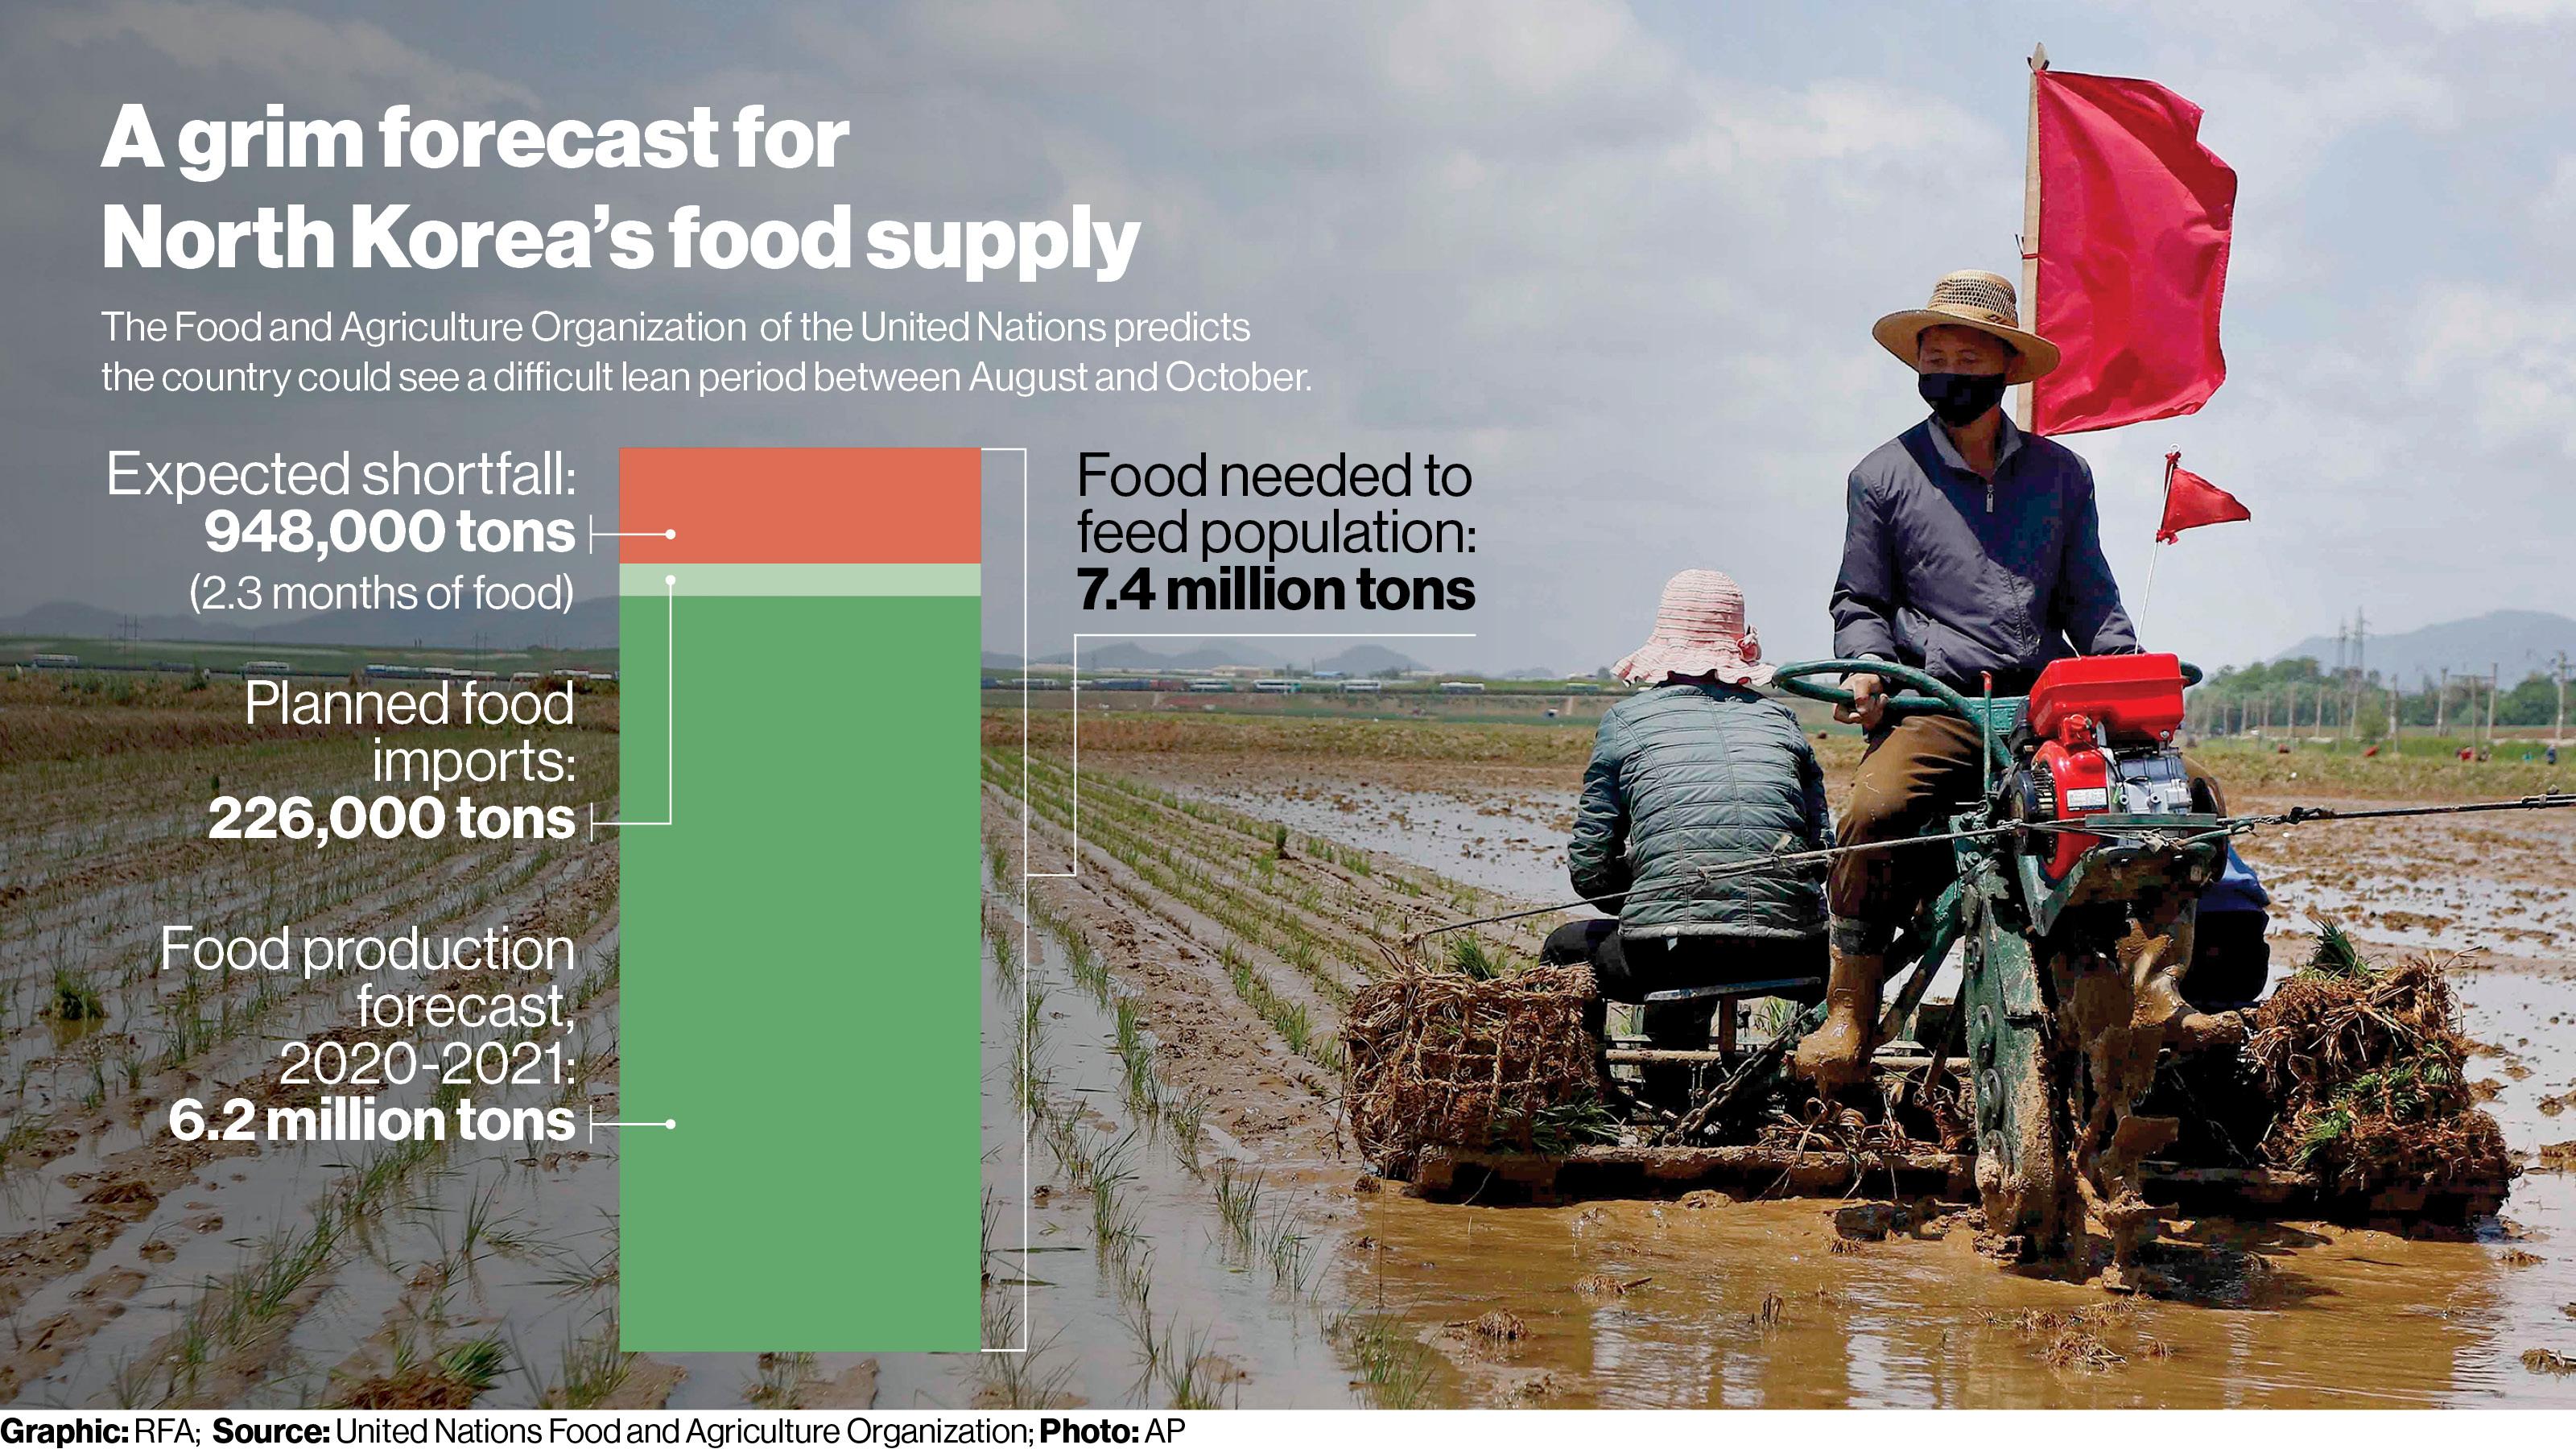 North_Korea_Food_Forecast_16x9.jpg